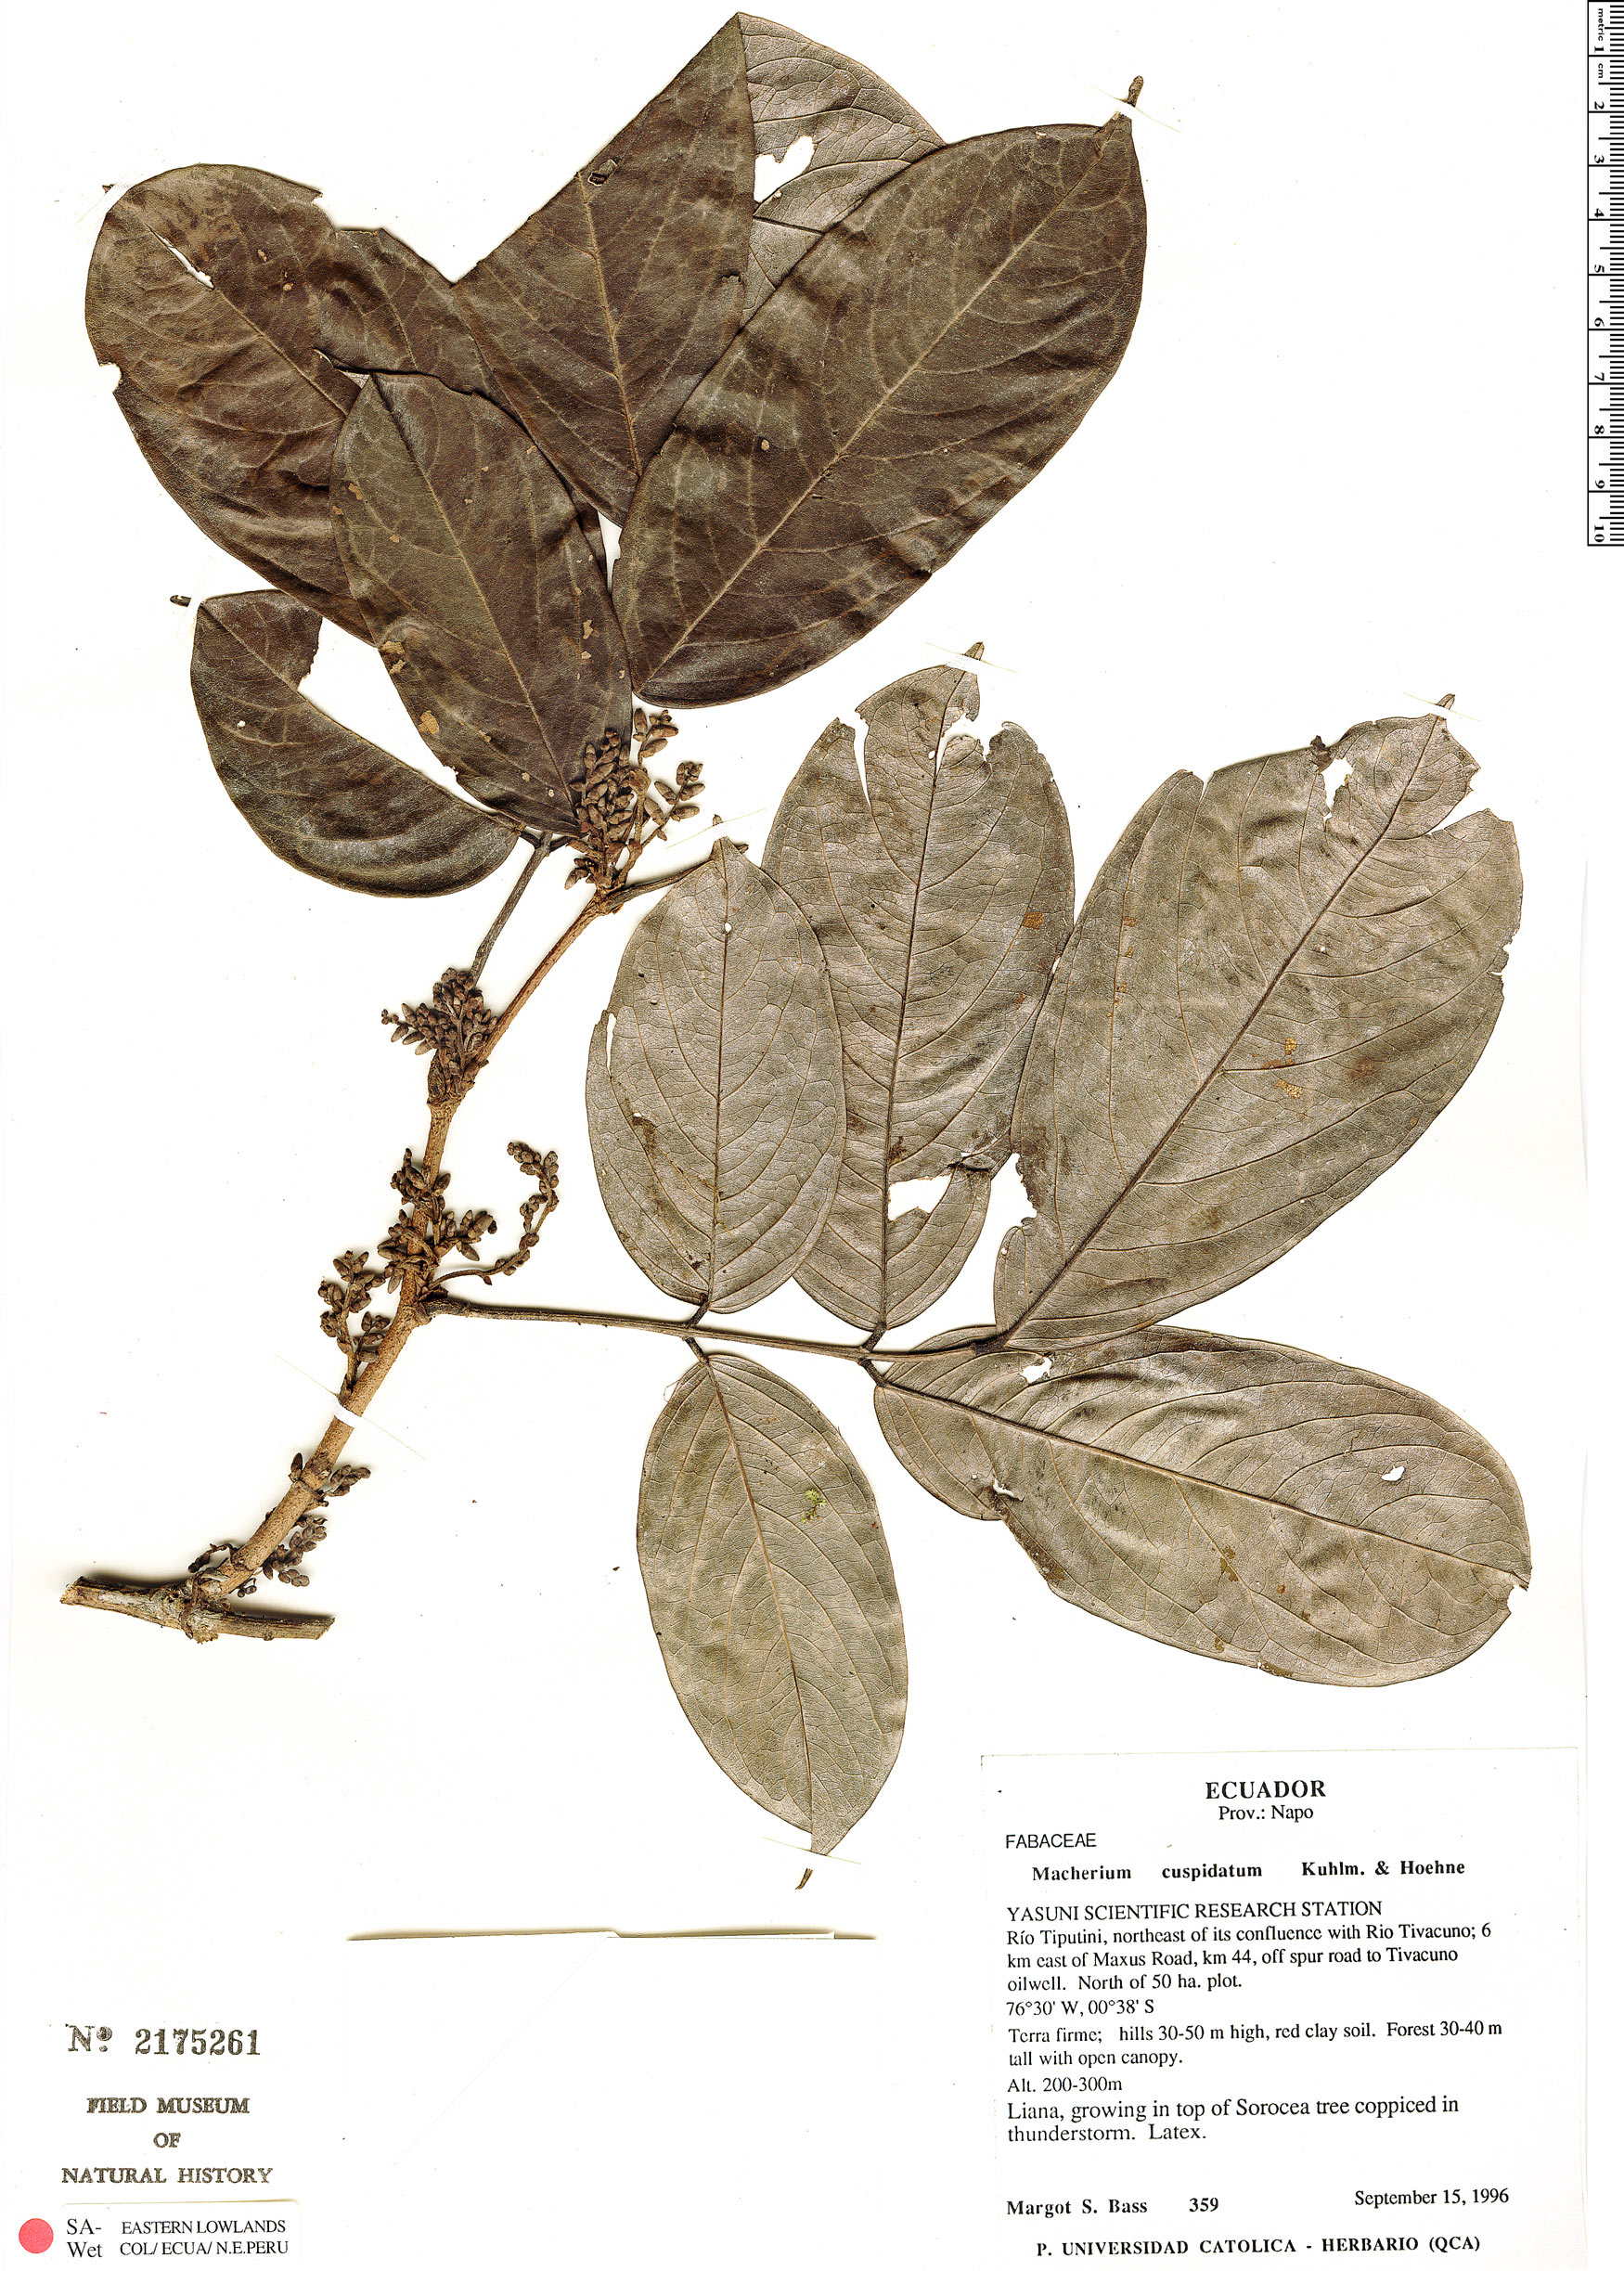 Specimen: Machaerium cuspidatum